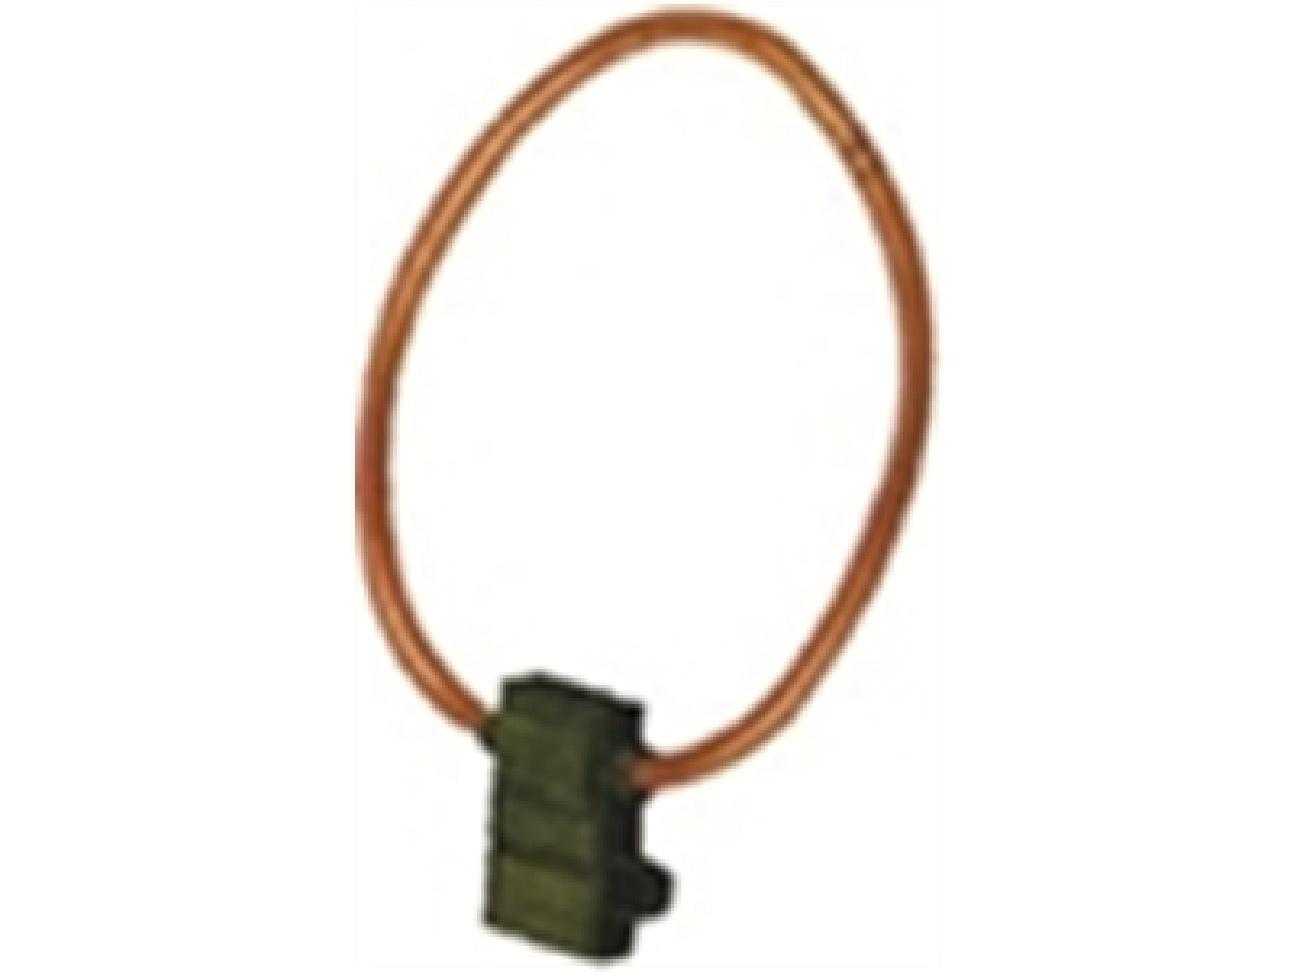 FHD-119 Ασφαλειοθήκη για Μικρές Καρφωτές Ασφάλειες